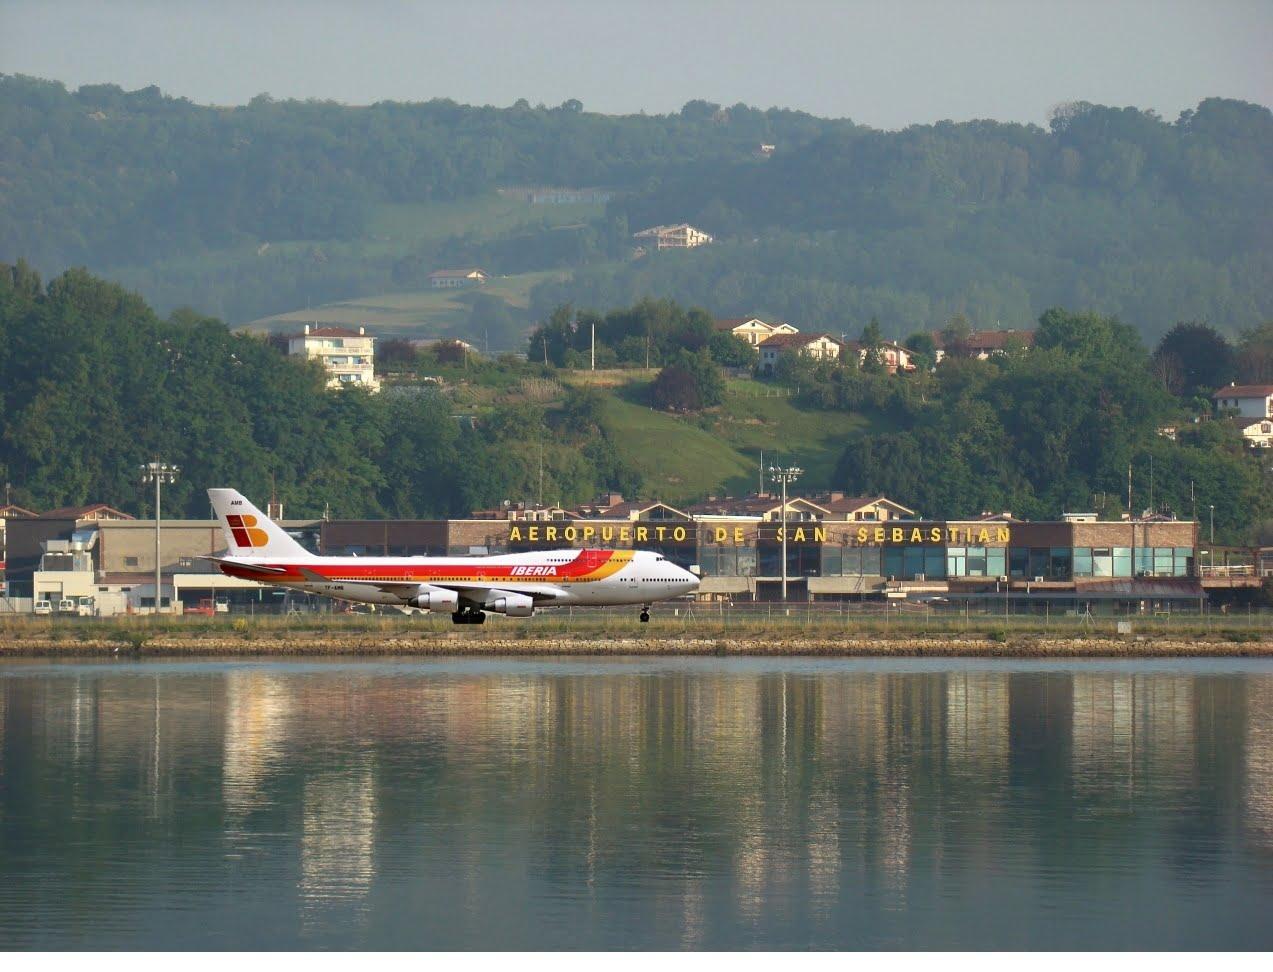 Aeropuerto de San Sebastián